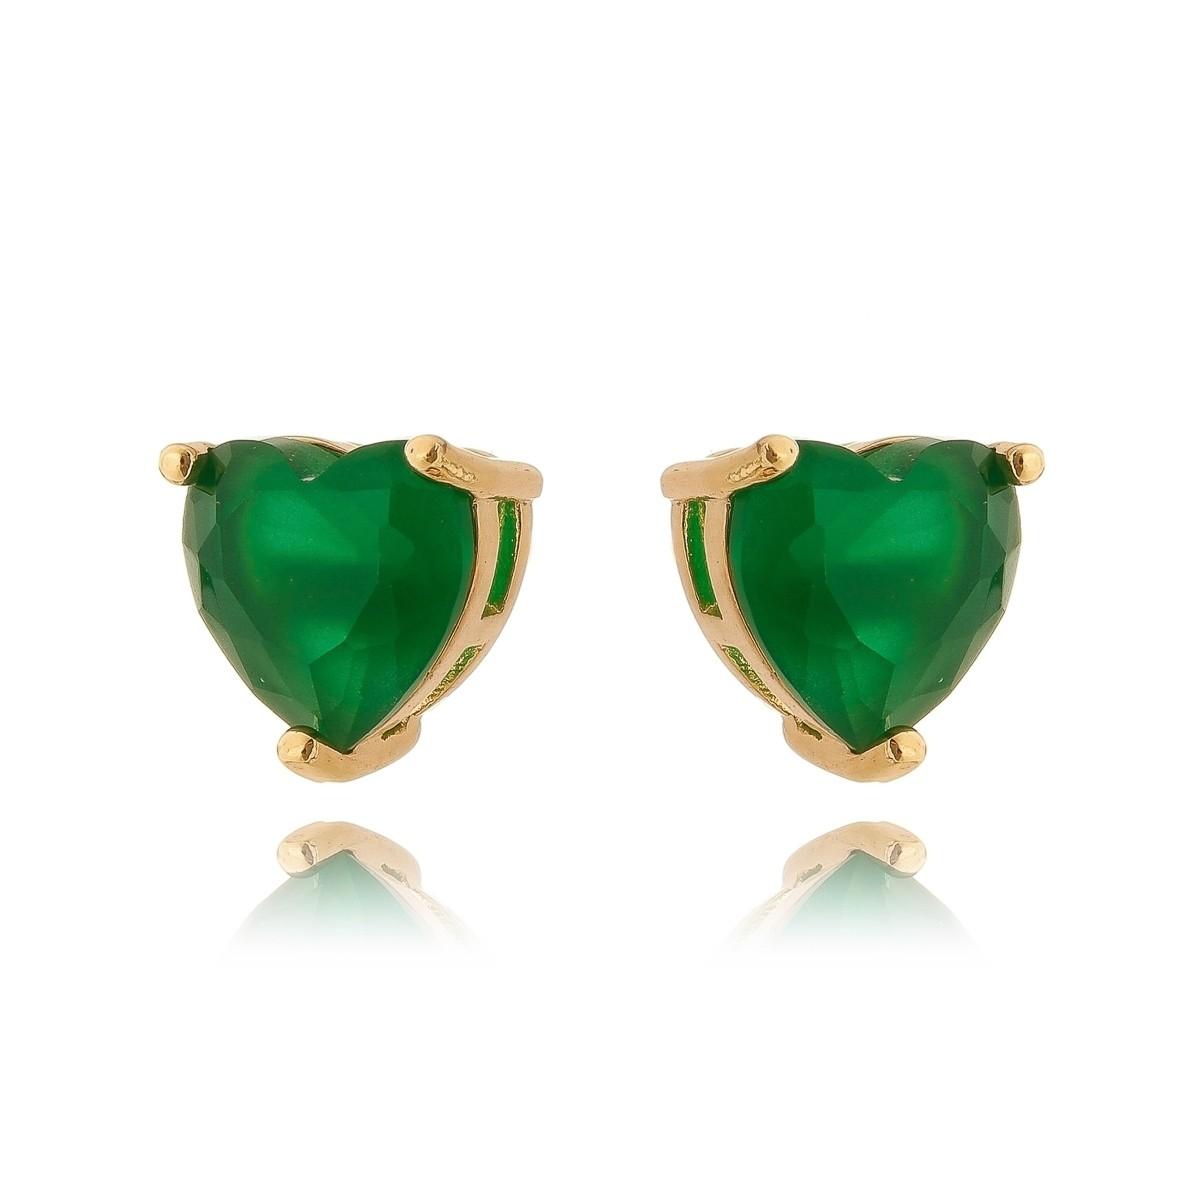 Brinco Esmeralda Dourado Coração Semijoia em Ouro 18K  - SOLOYOU